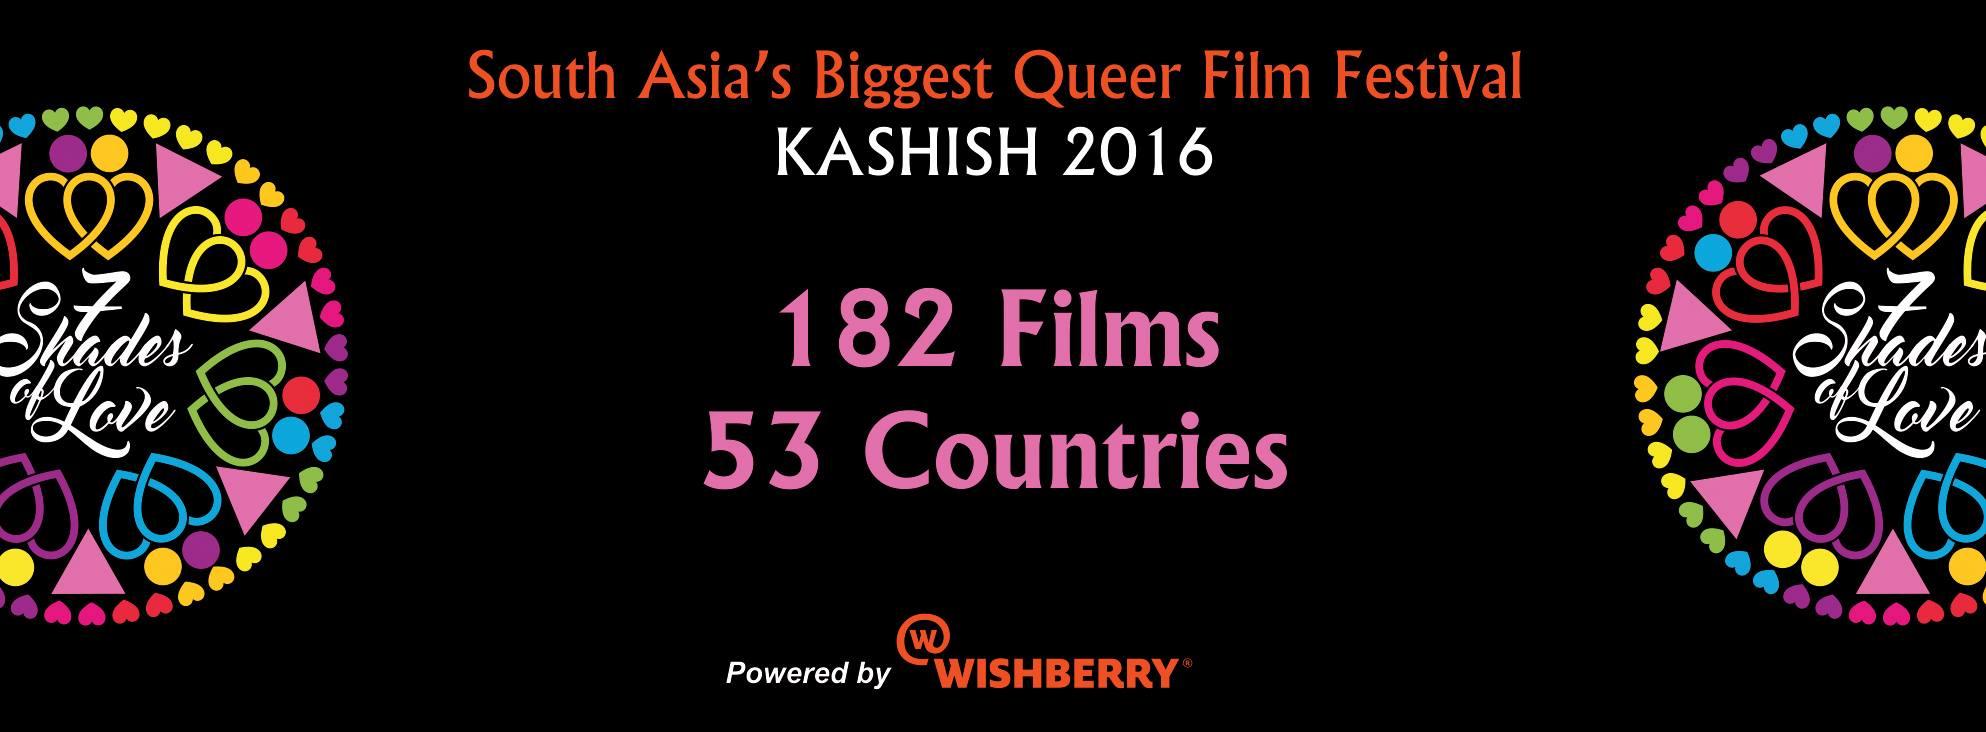 KASHISH 2016